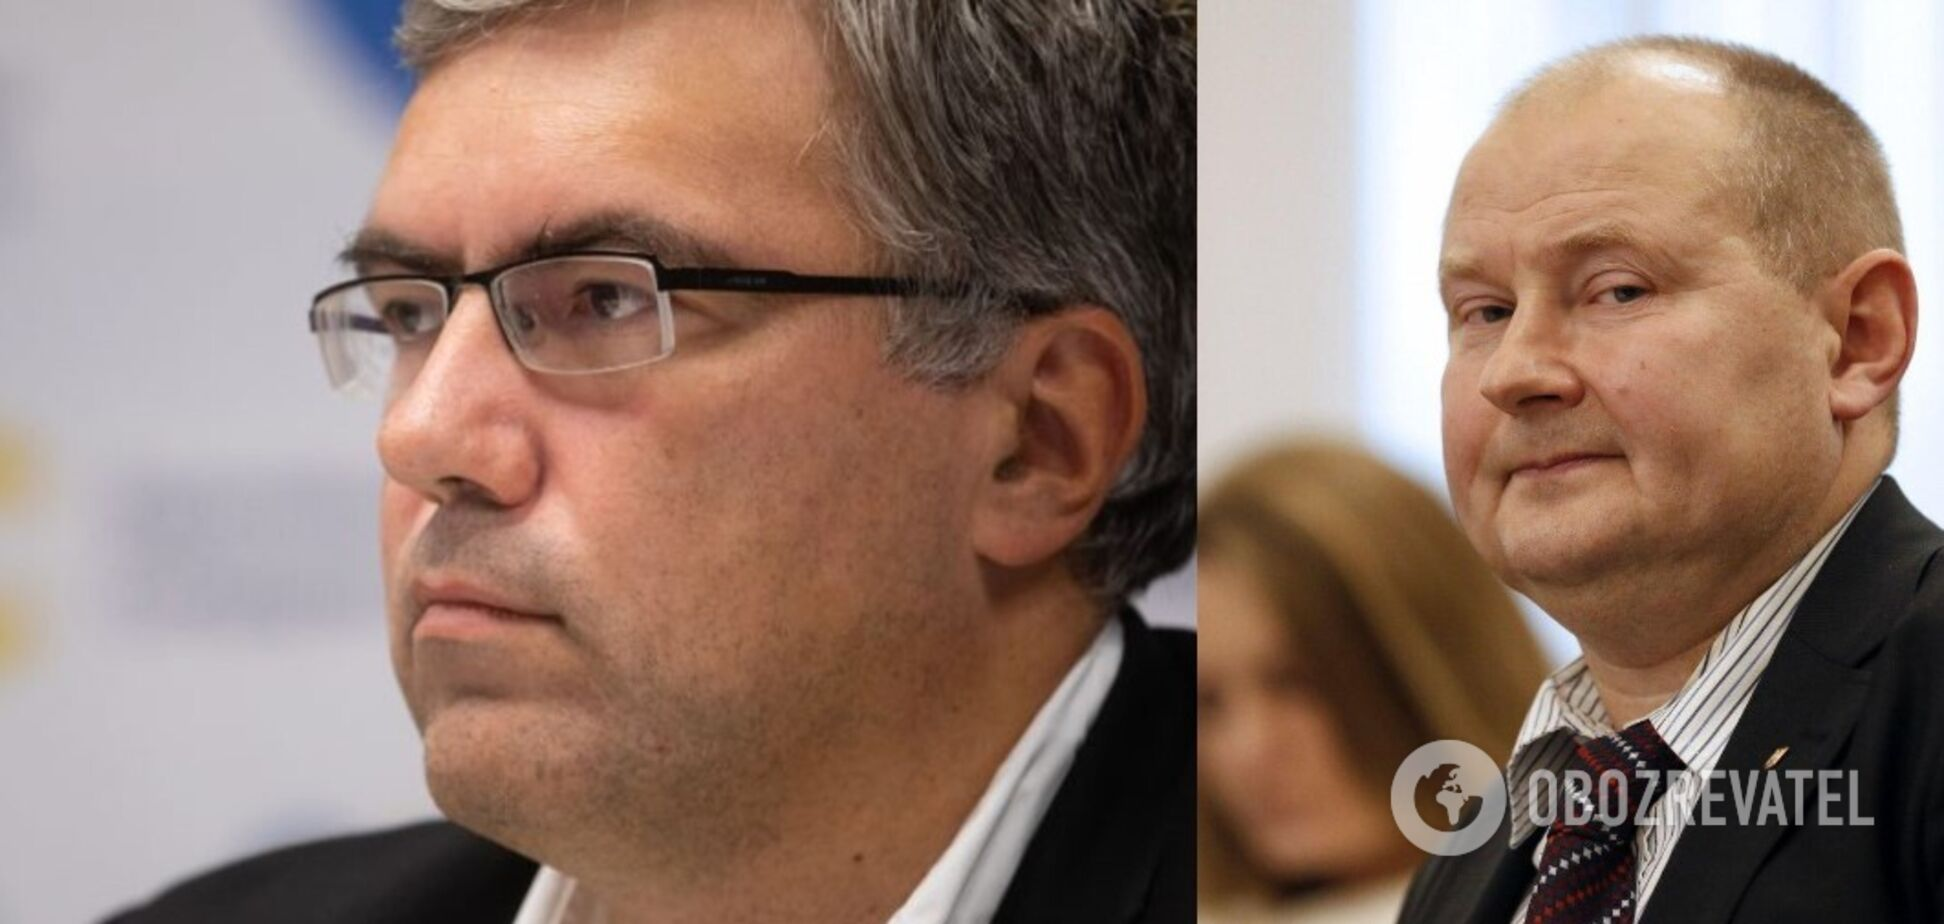 Павленко назвал цель неслучайного появления судьи Чауса